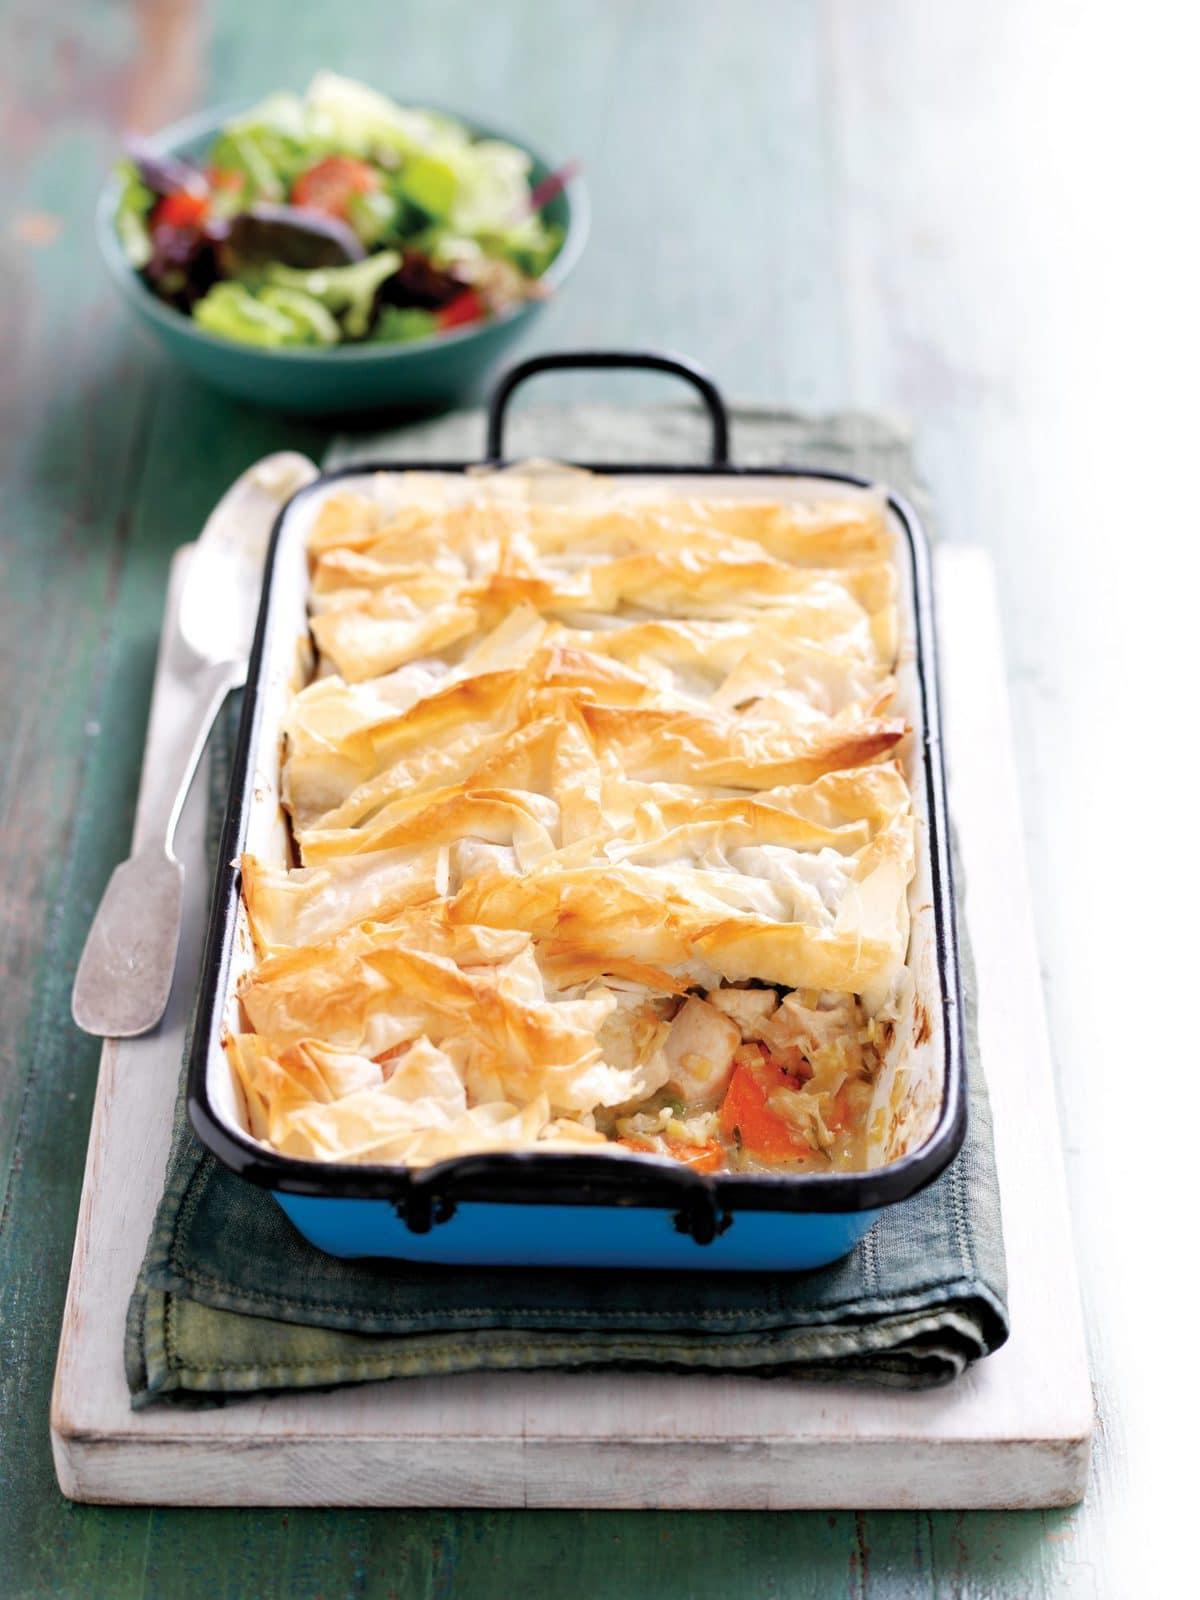 HFG creamy chicken and leek pie